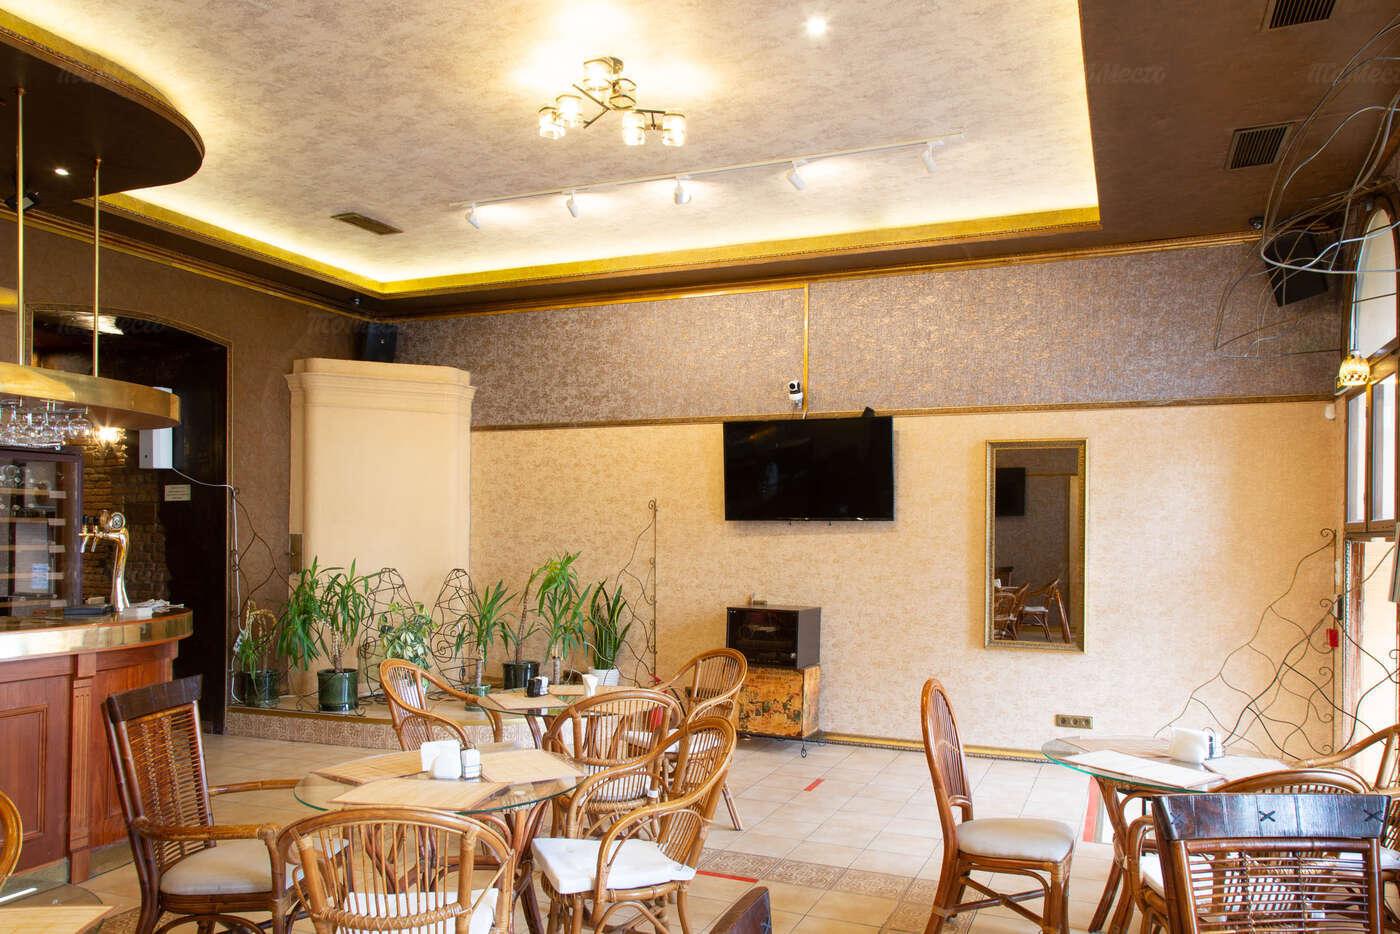 Ресторан BISTRO A-STYLE (Бистро астайл) на набережной реки Фонтанки фото 3